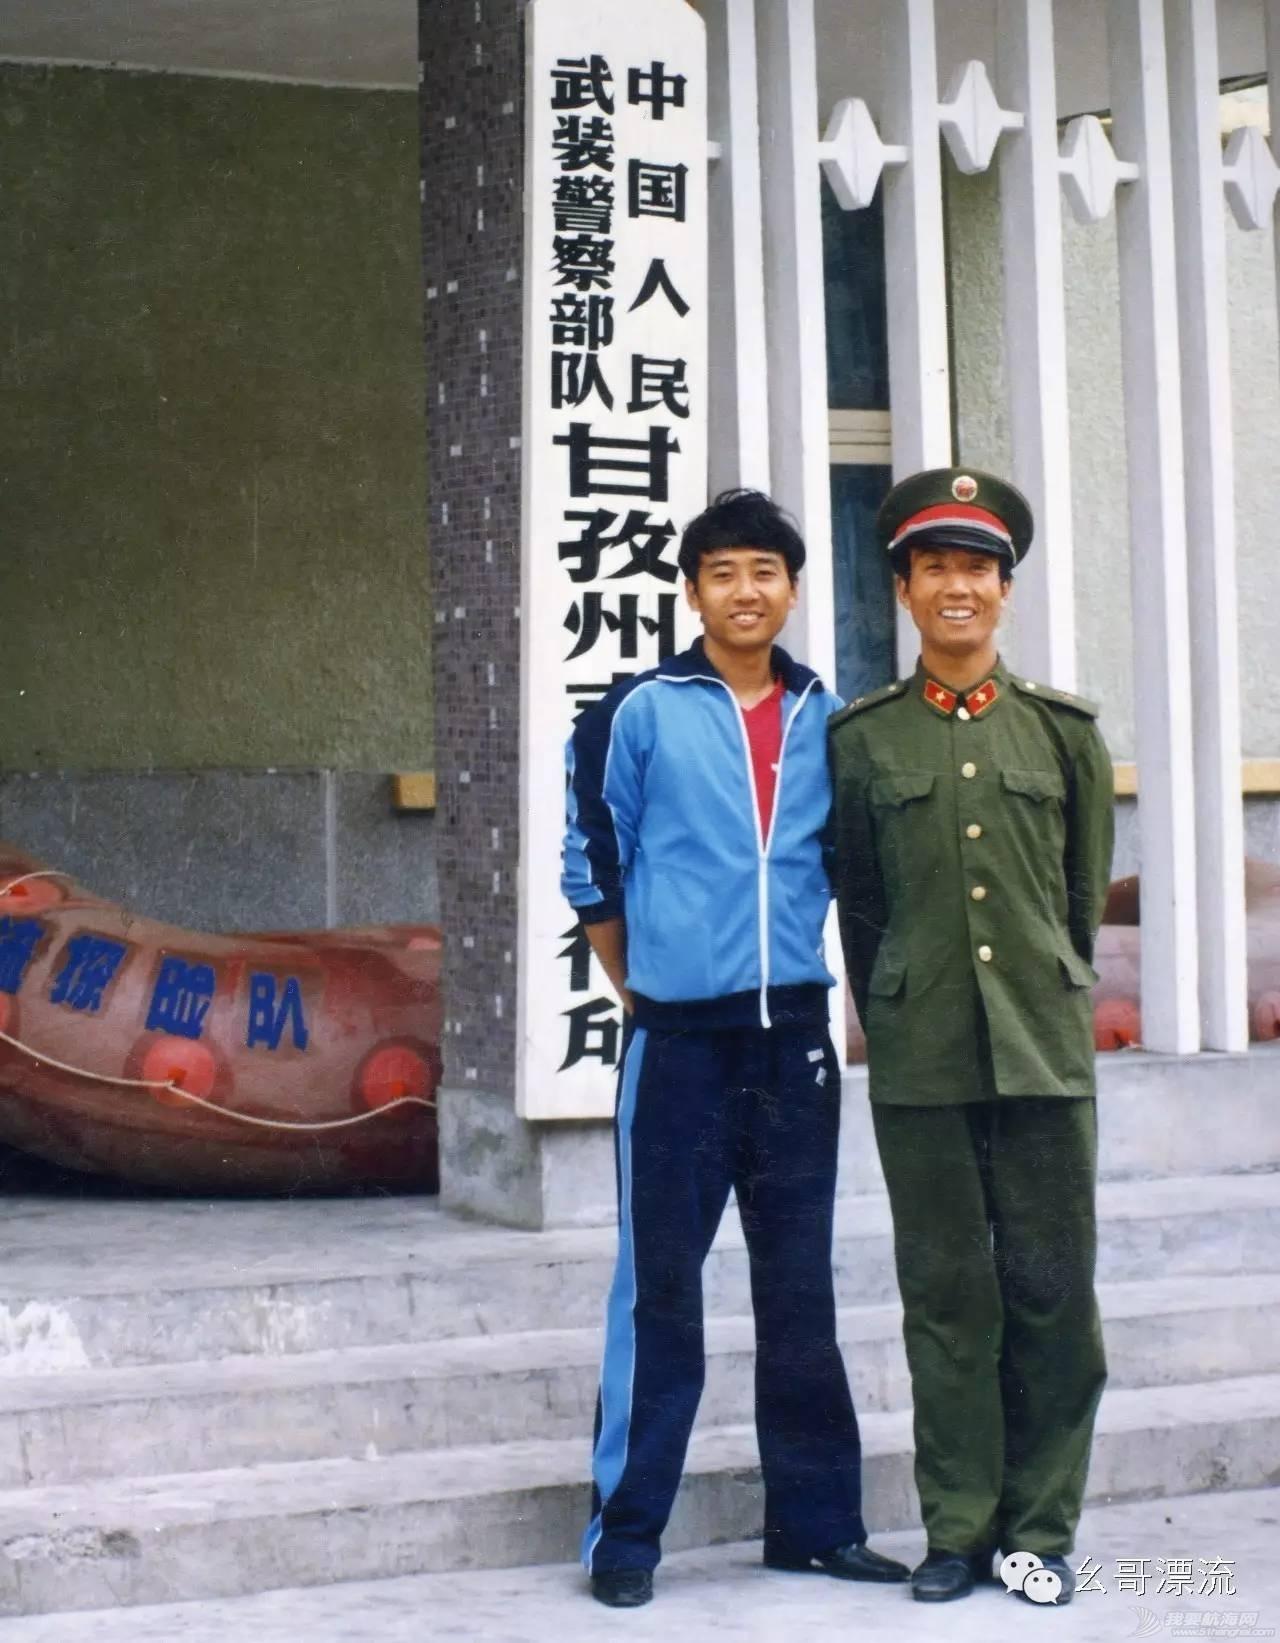 1986年长江漂流发起及经过 3c0522896a70b090d8ba51d9b6fad498.jpg